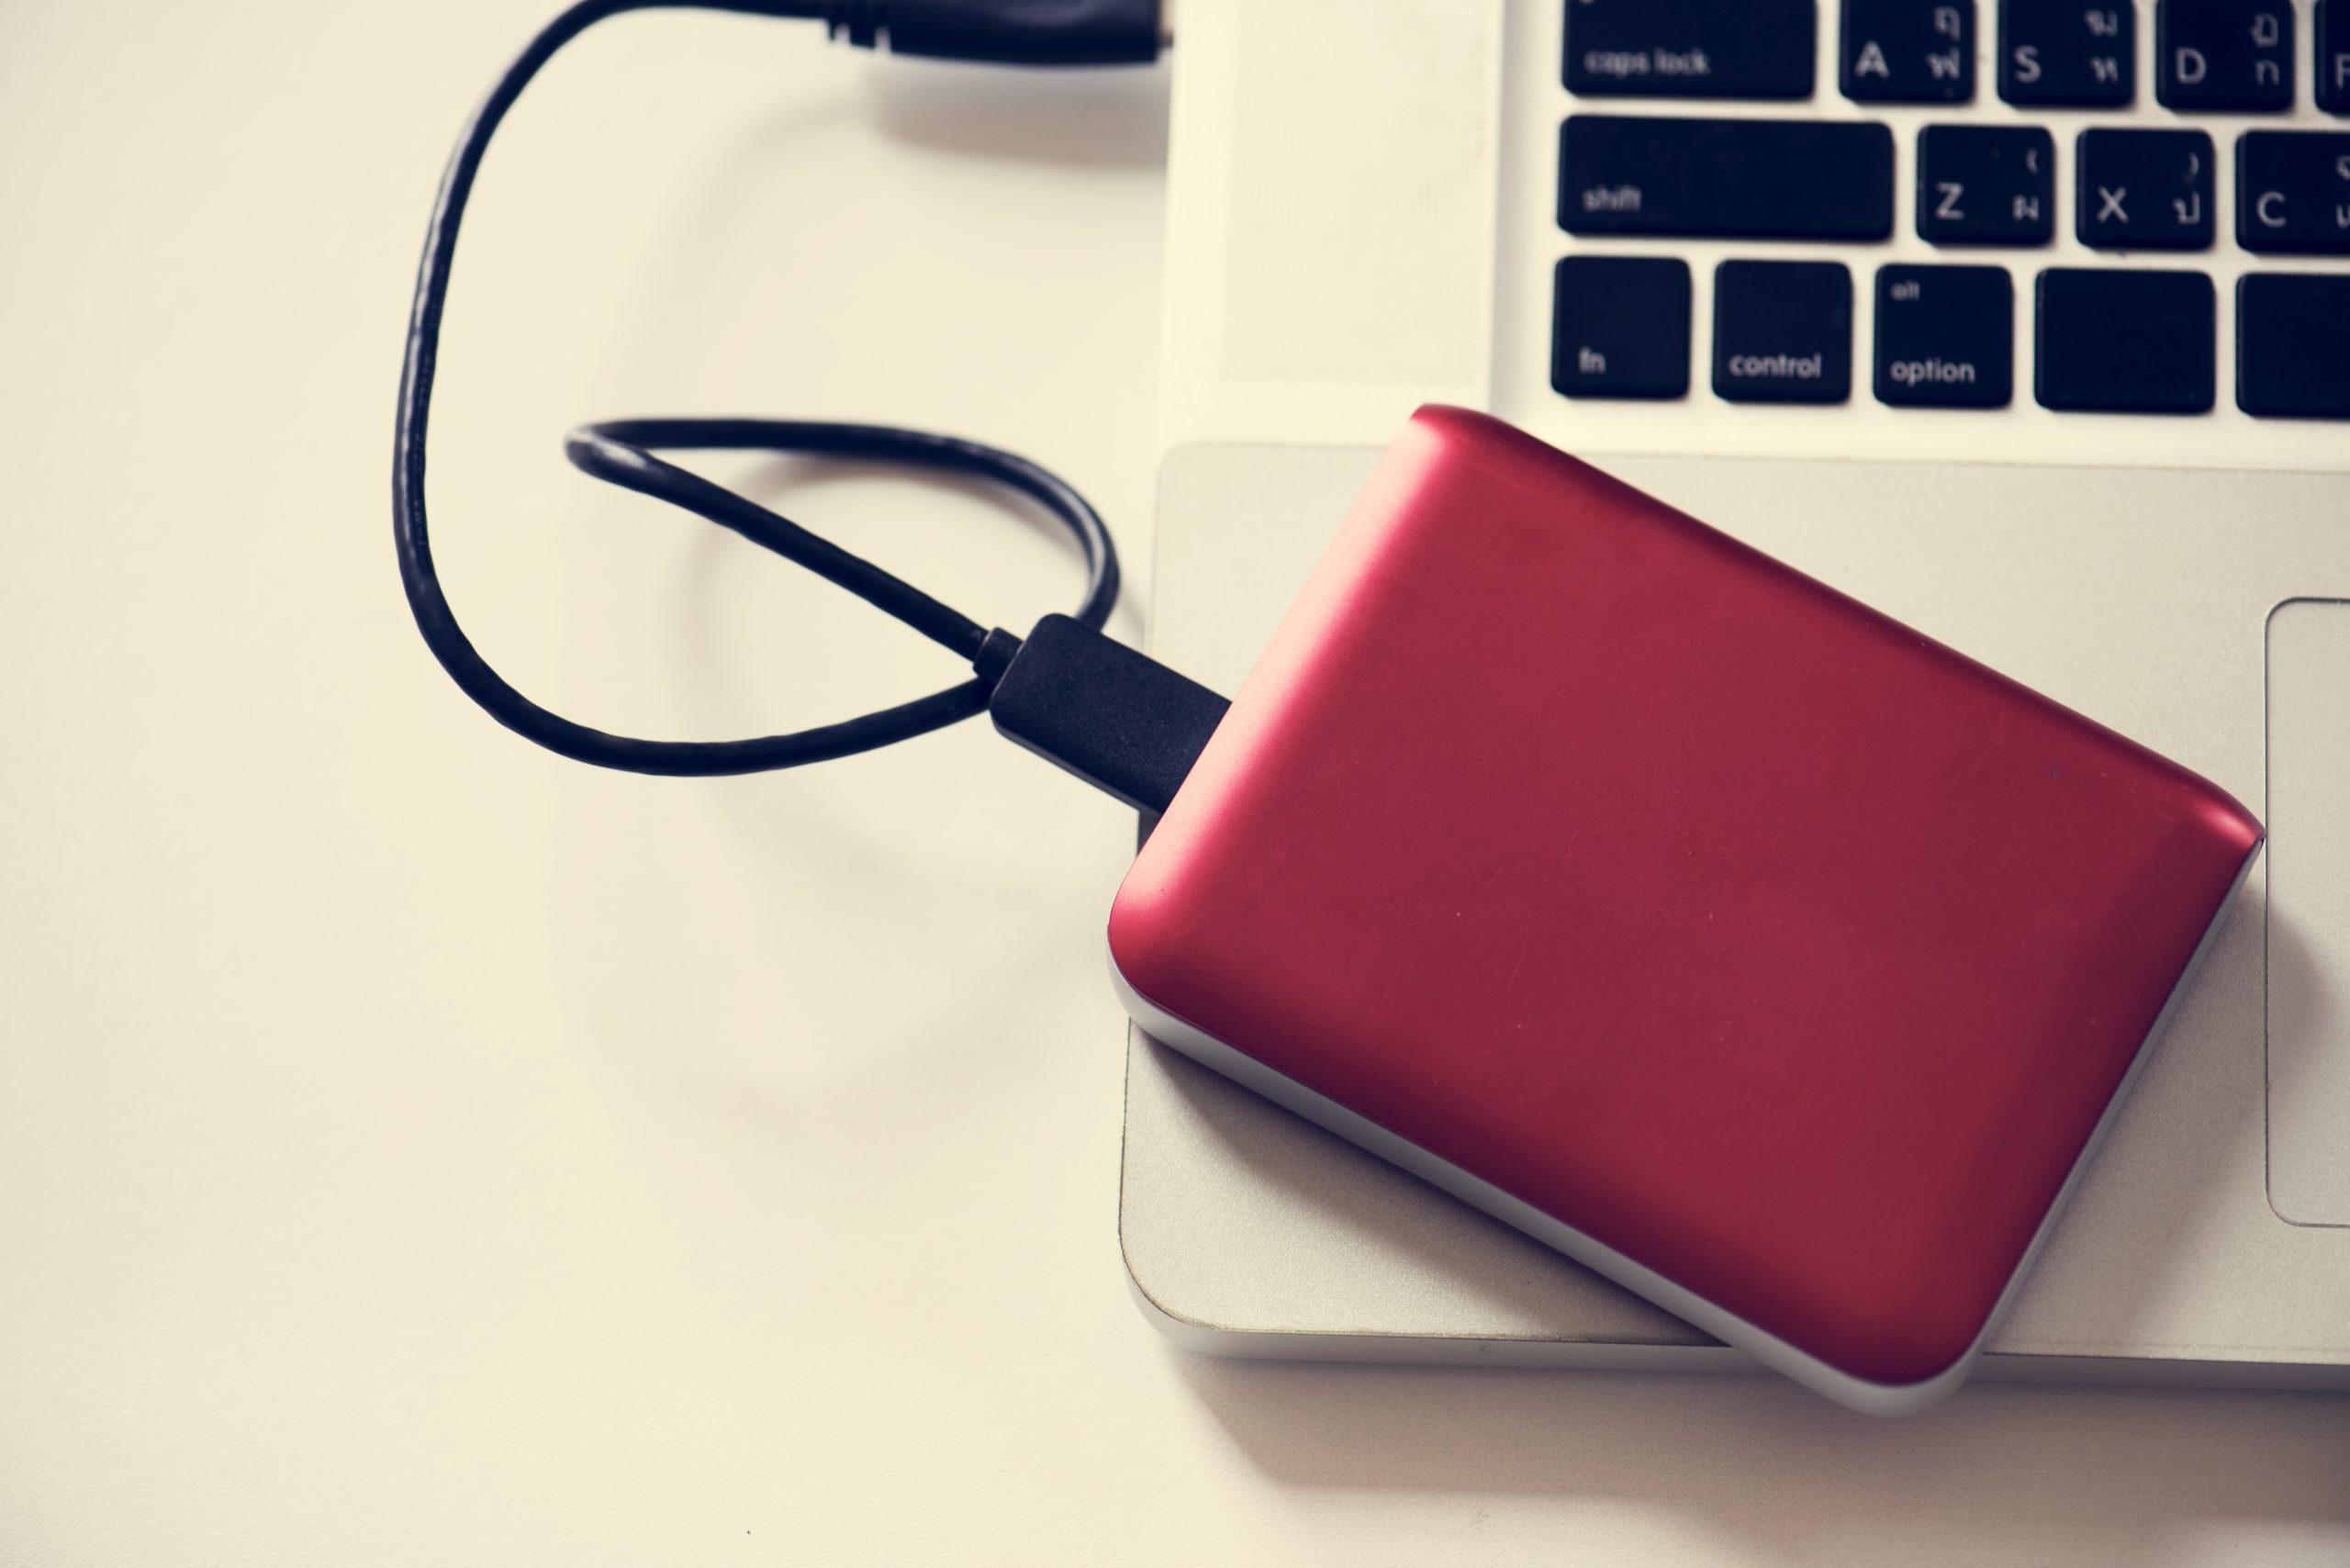 Xbox Ordinateur de Bureaup Ordinateur Portable Disque Dur Externe 1to USB3.1 Disque Dur Externe pour PC 1to, Argent Wii U Mac